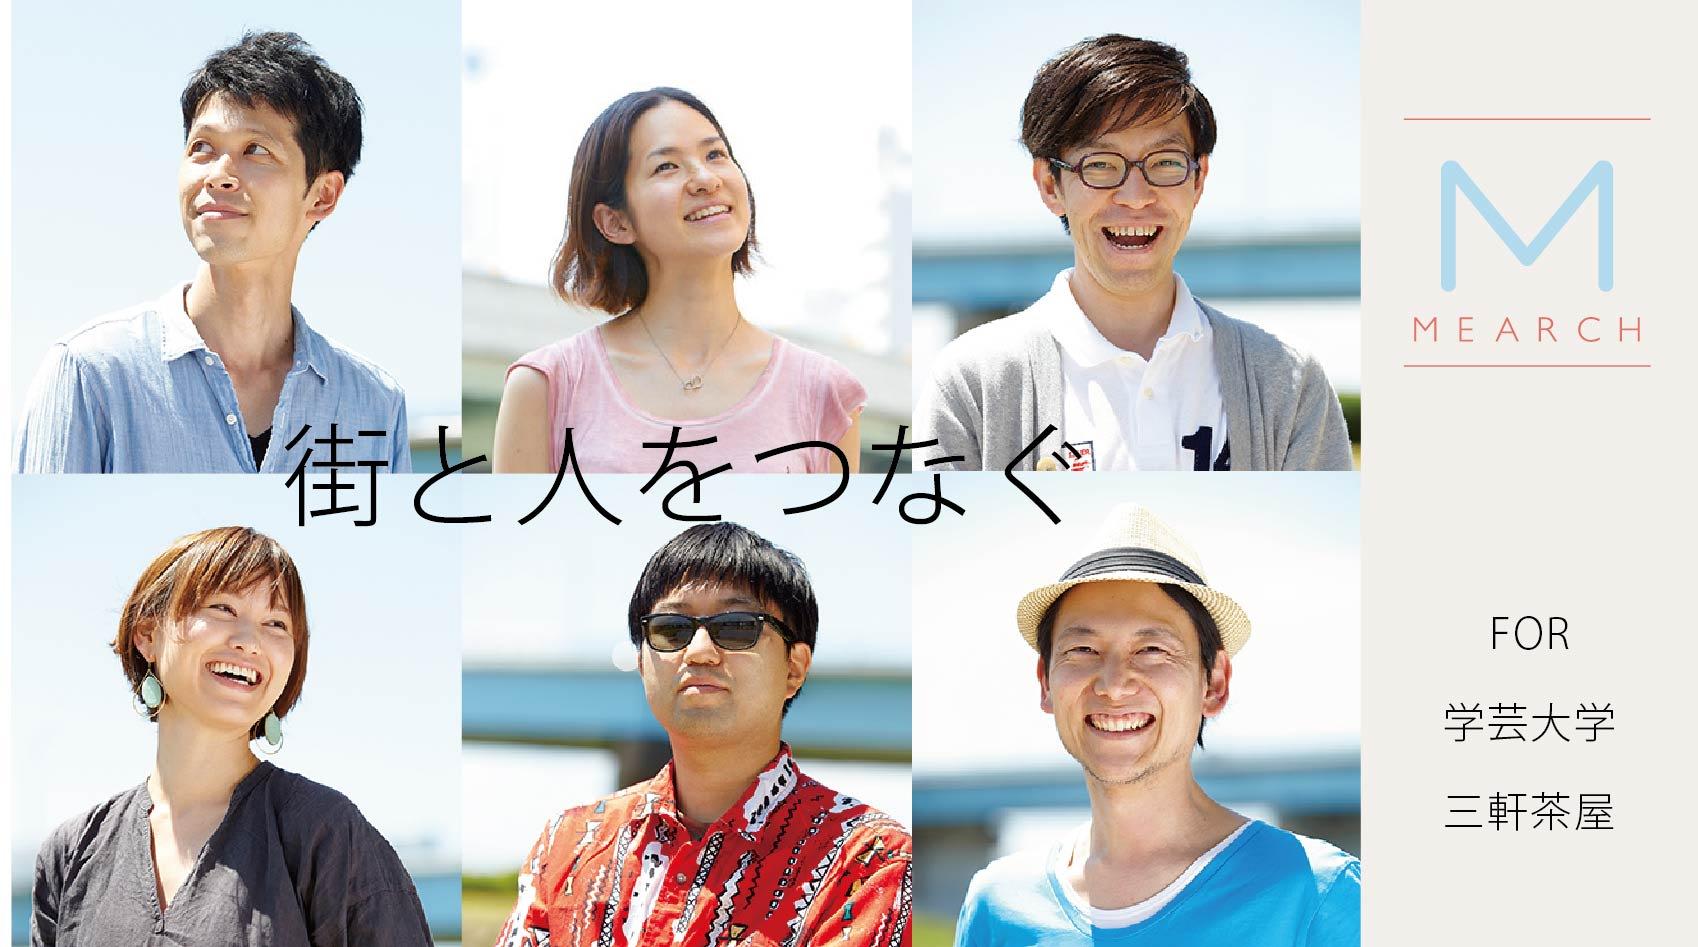 日本の街の魅力を動画で伝える新しい街プロモーションサイト MEARCH